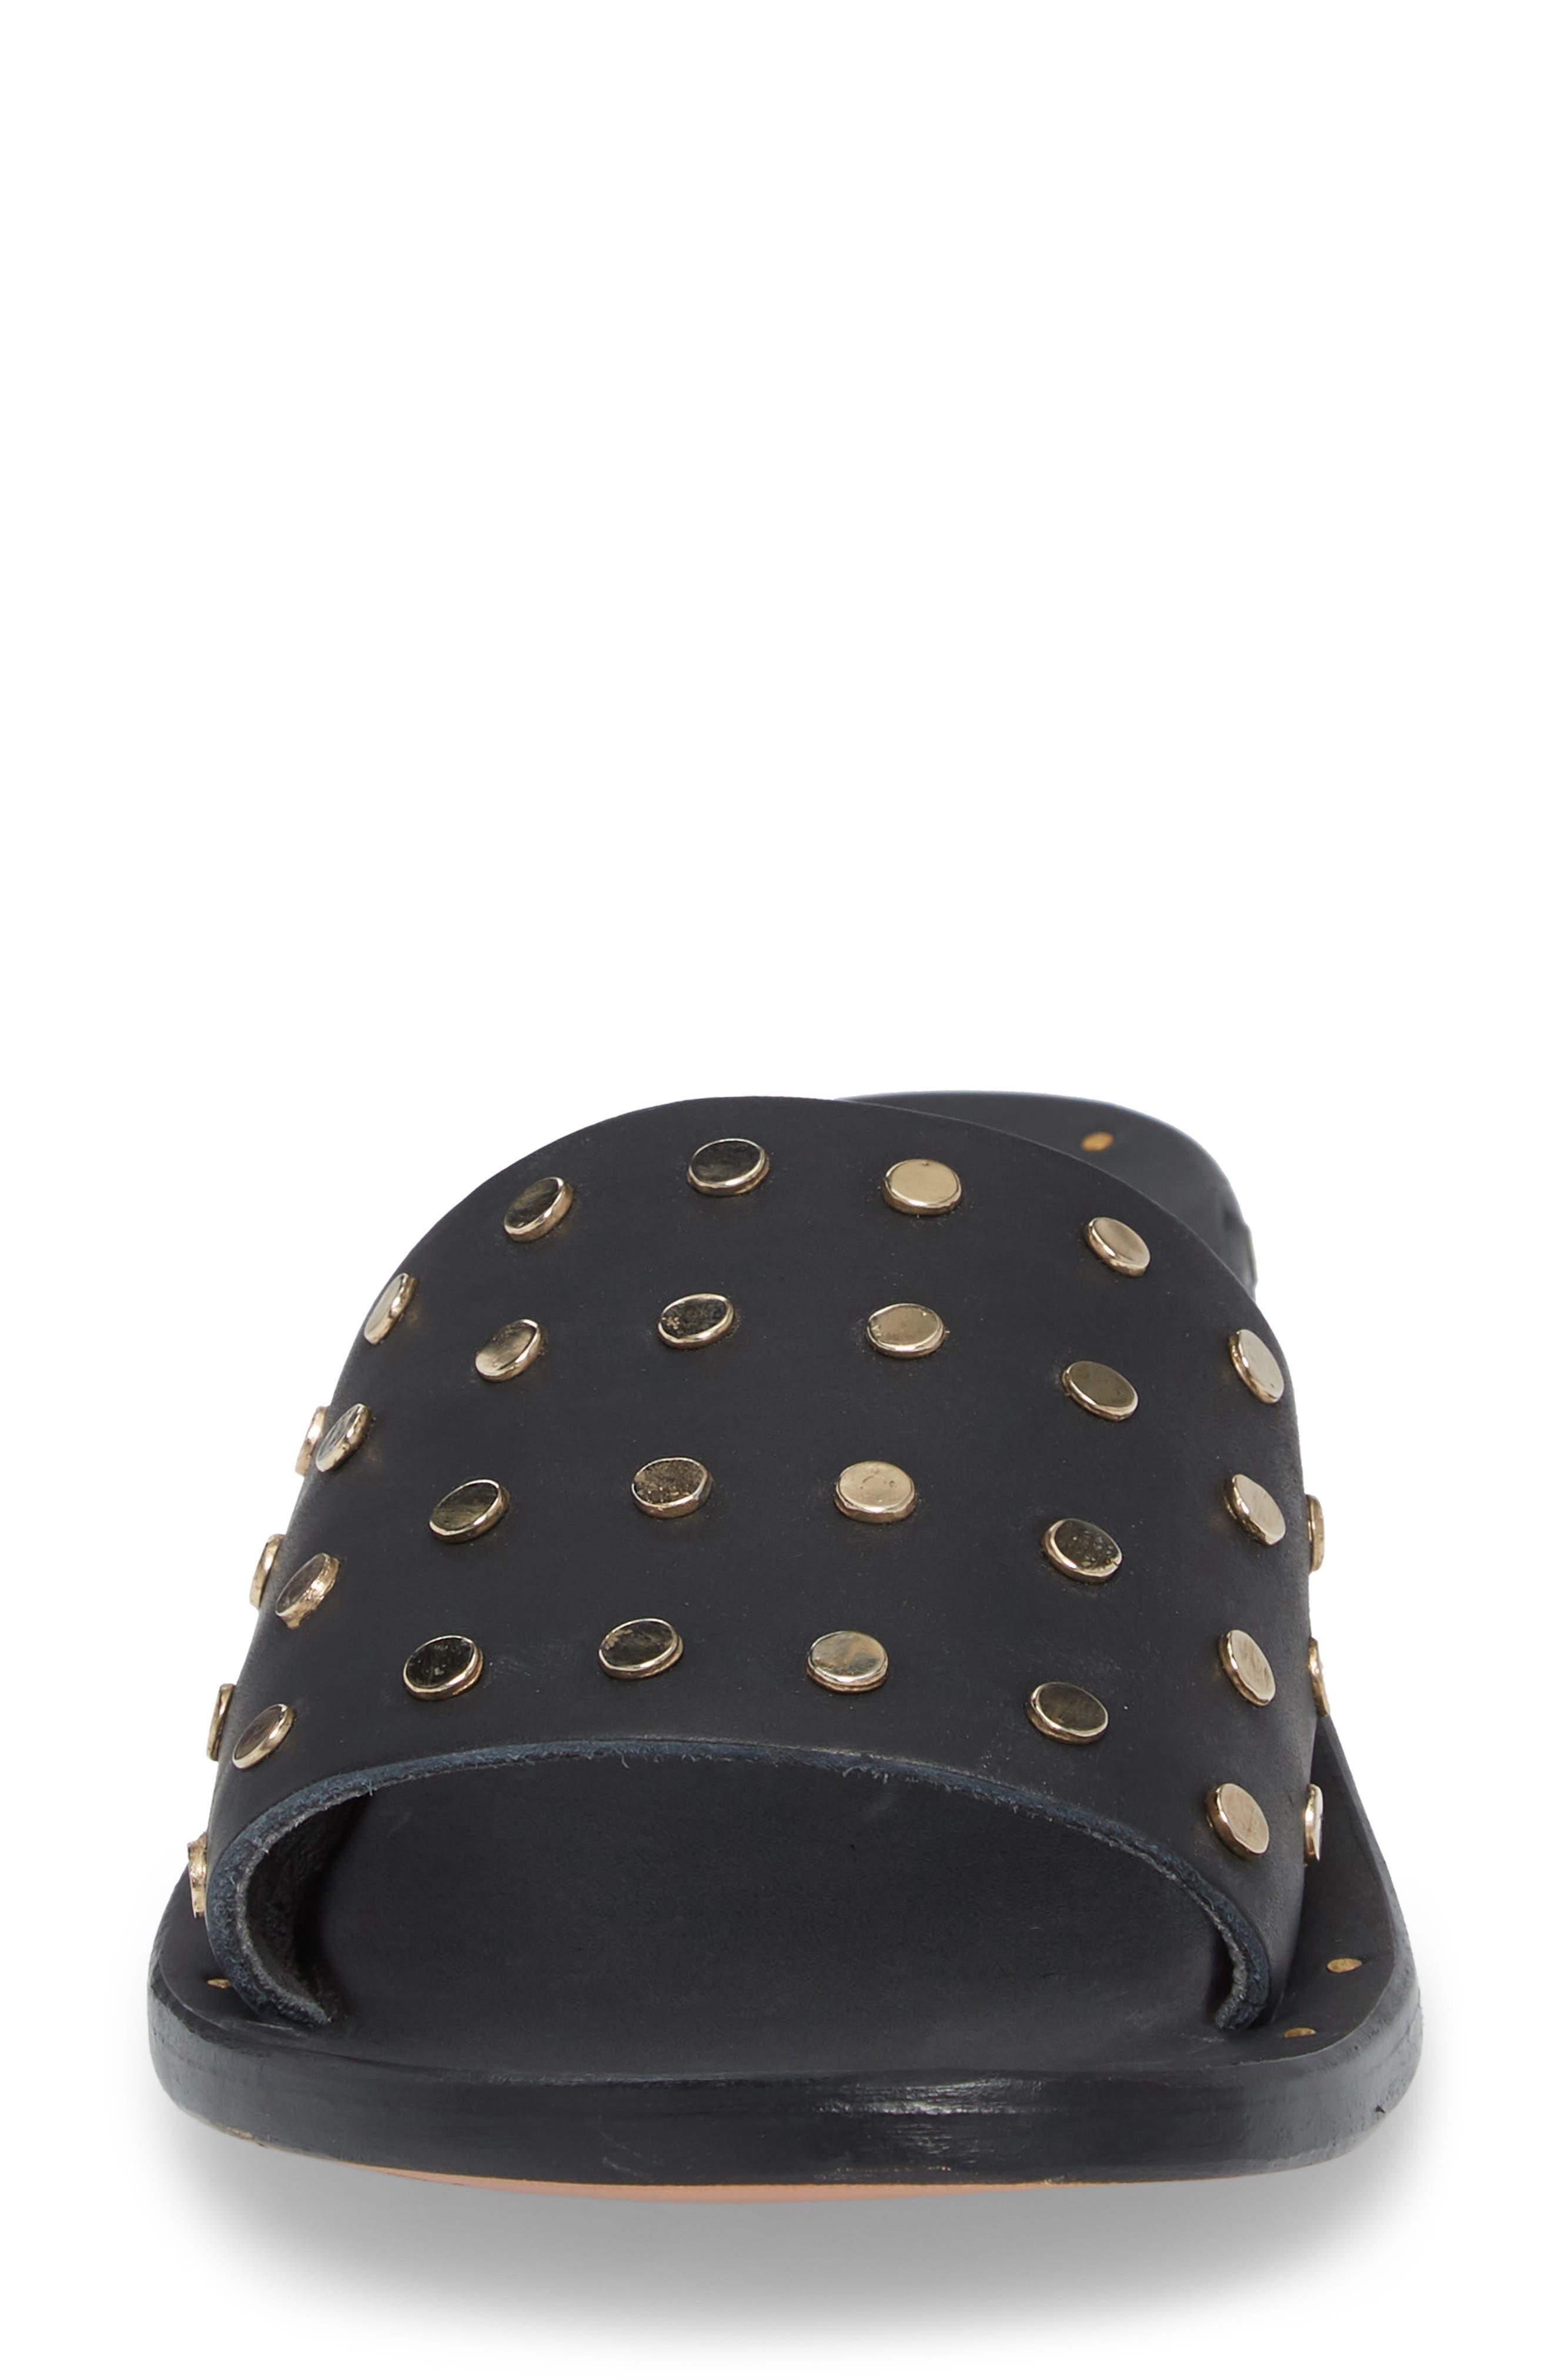 Lovebird Studded Slide Sandal,                             Alternate thumbnail 4, color,                             Black/ Black